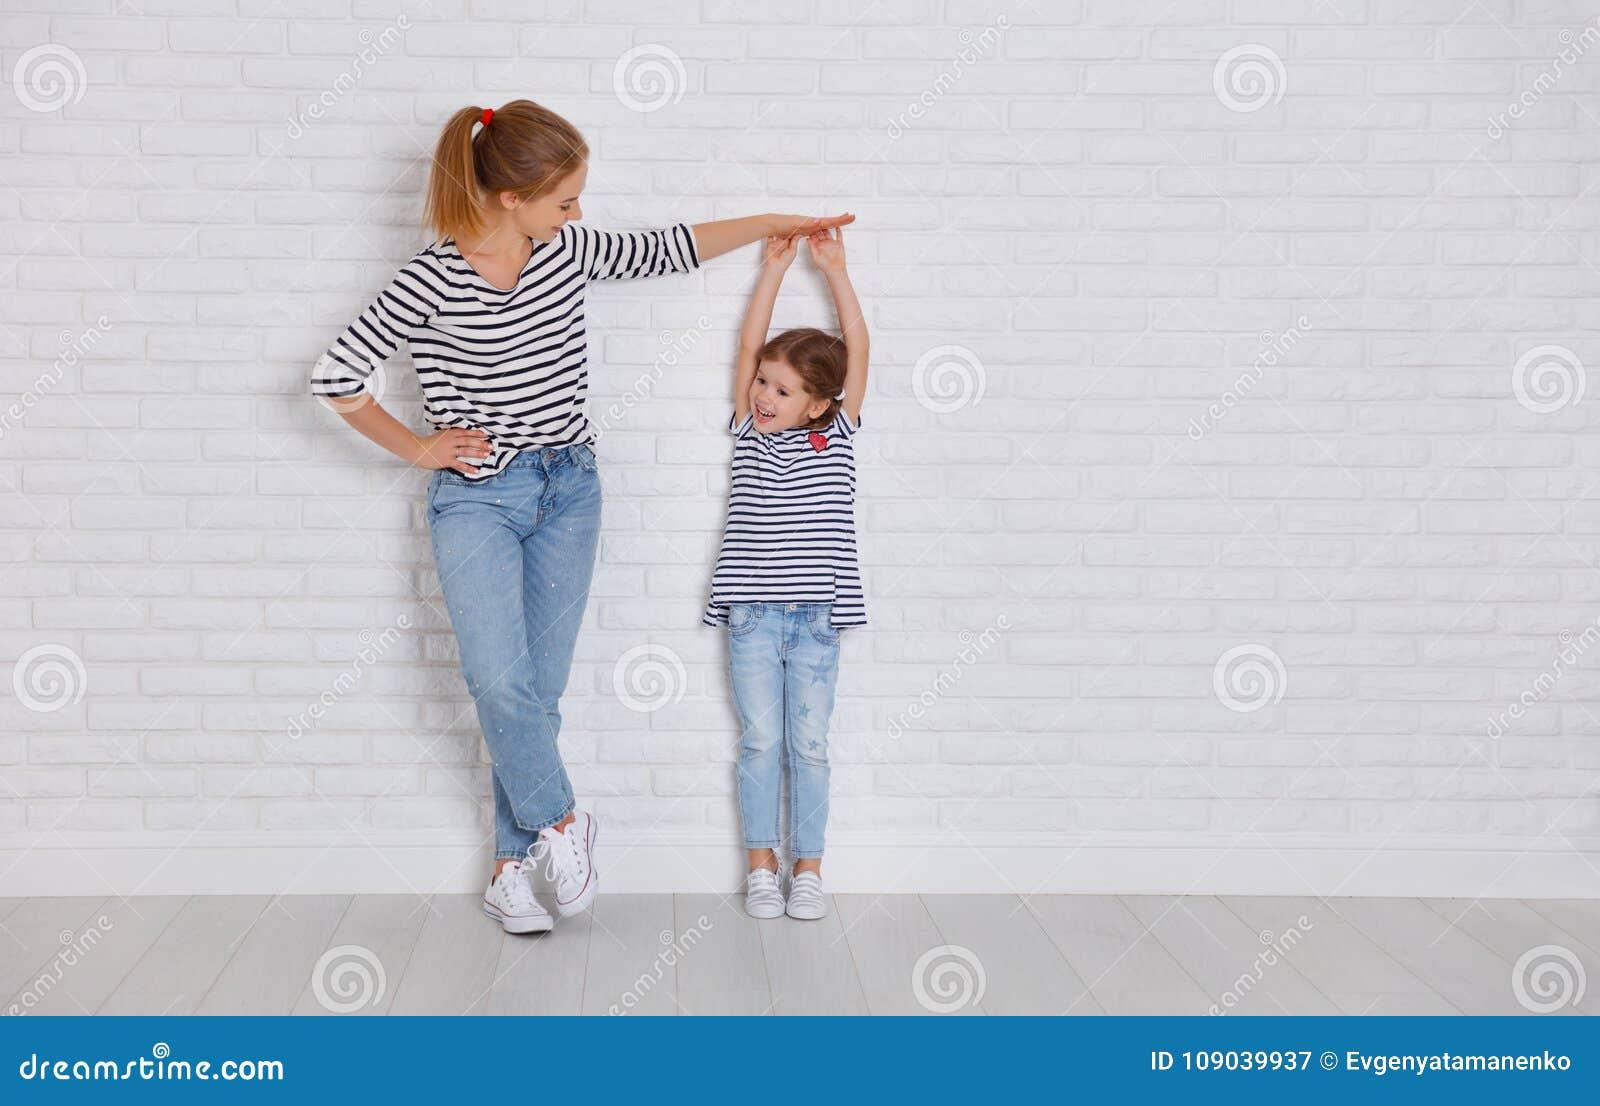 Pojęcie rodzina matka mierzy przyrosta dziecko daught